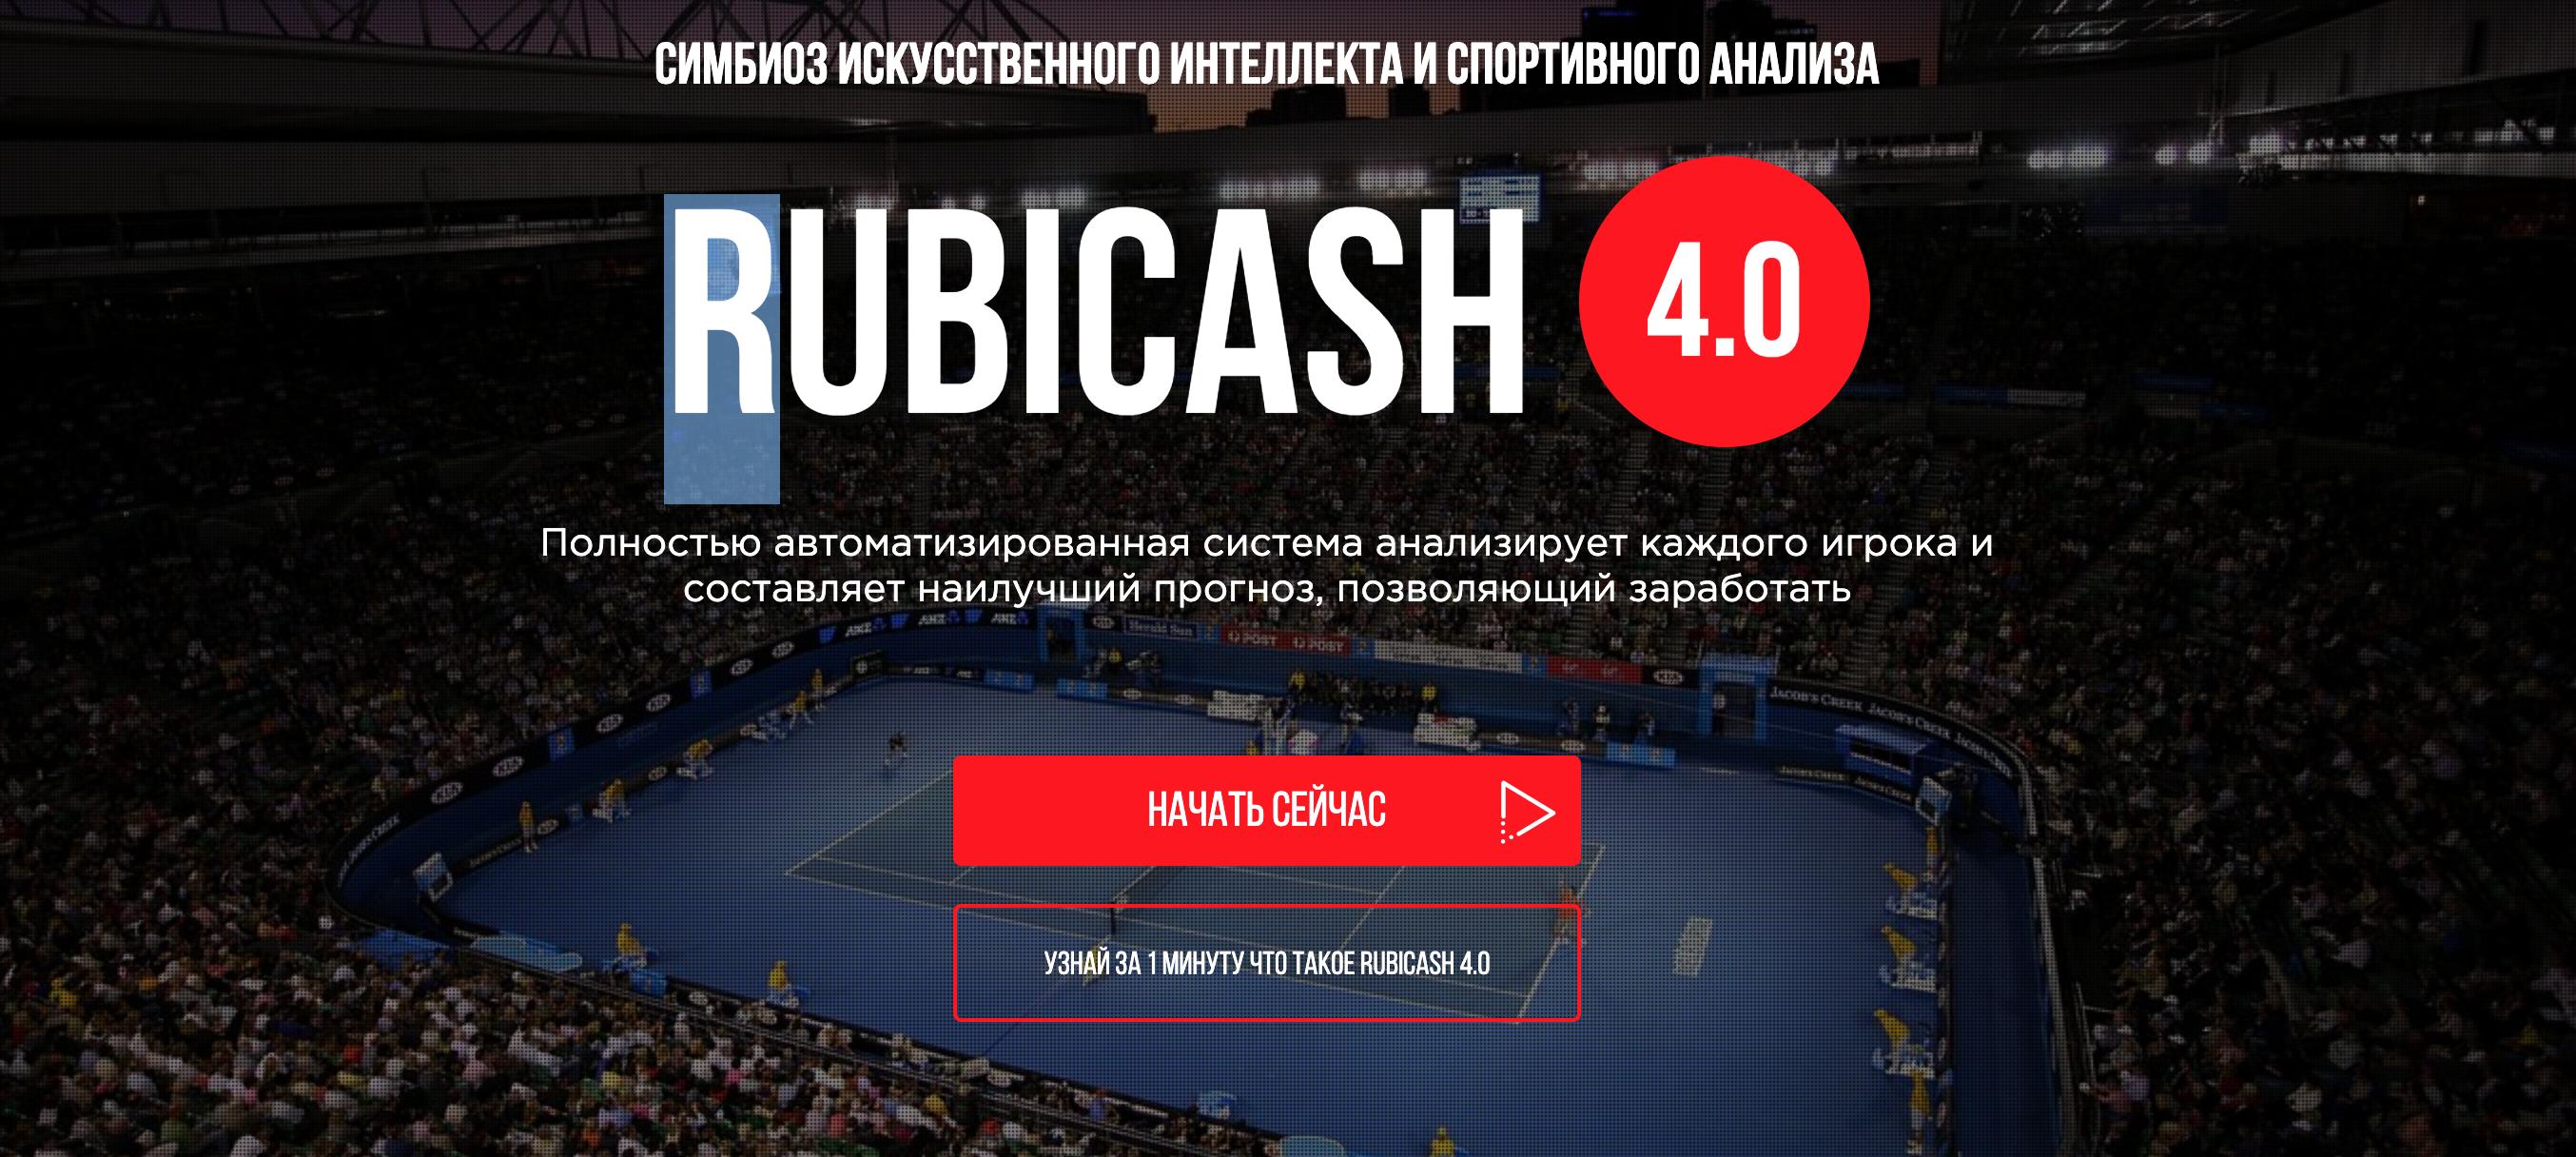 Главная страница сайта Rubicash